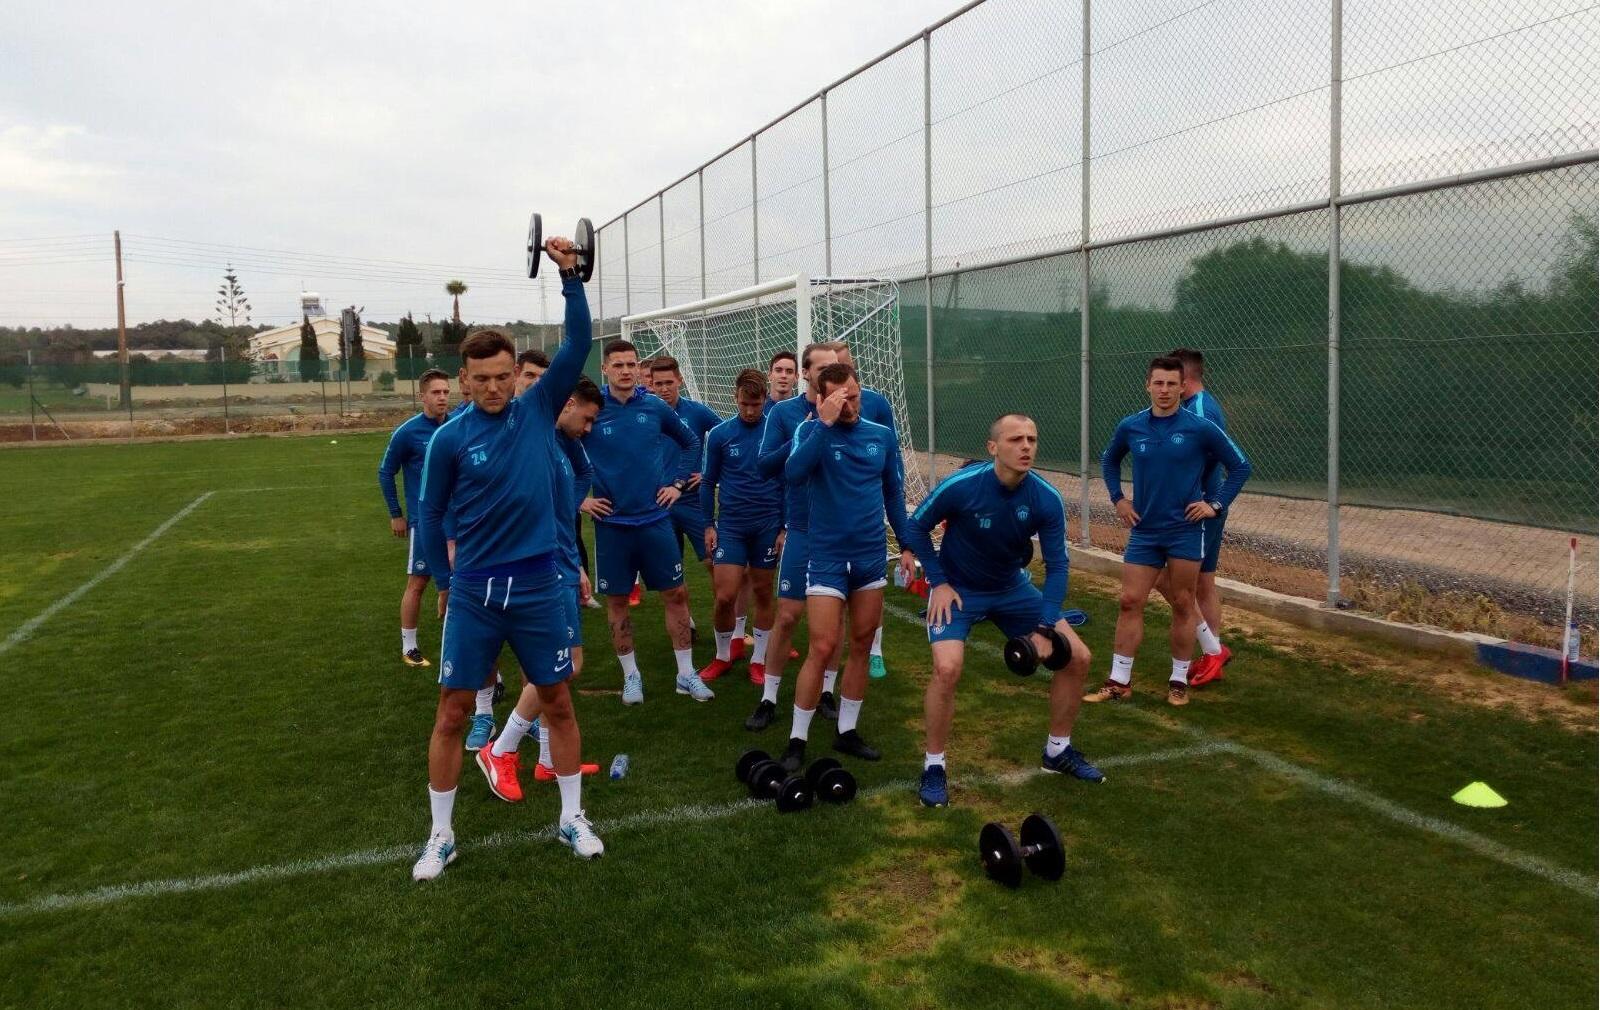 Das Team ist aus Zypern zurückgekehrt und wird nun weiterhin in Liberec trainieren